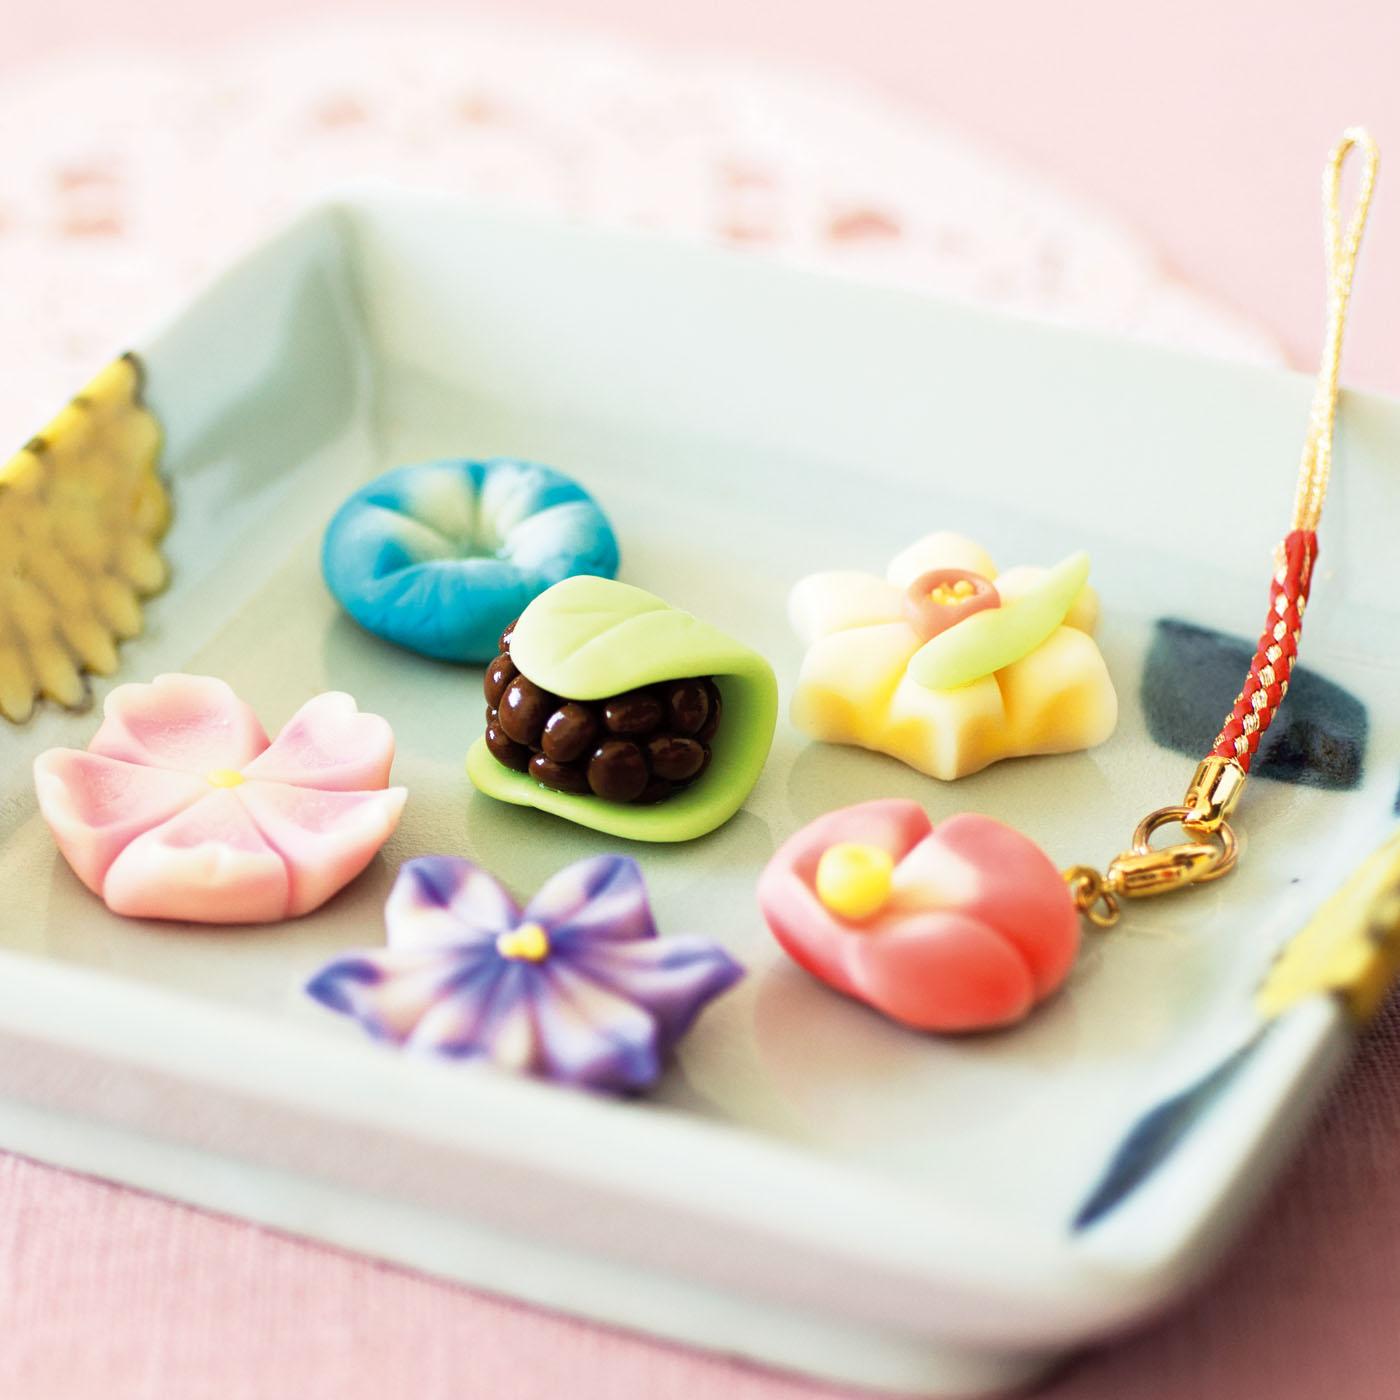 まるで本物の和菓子みたい!